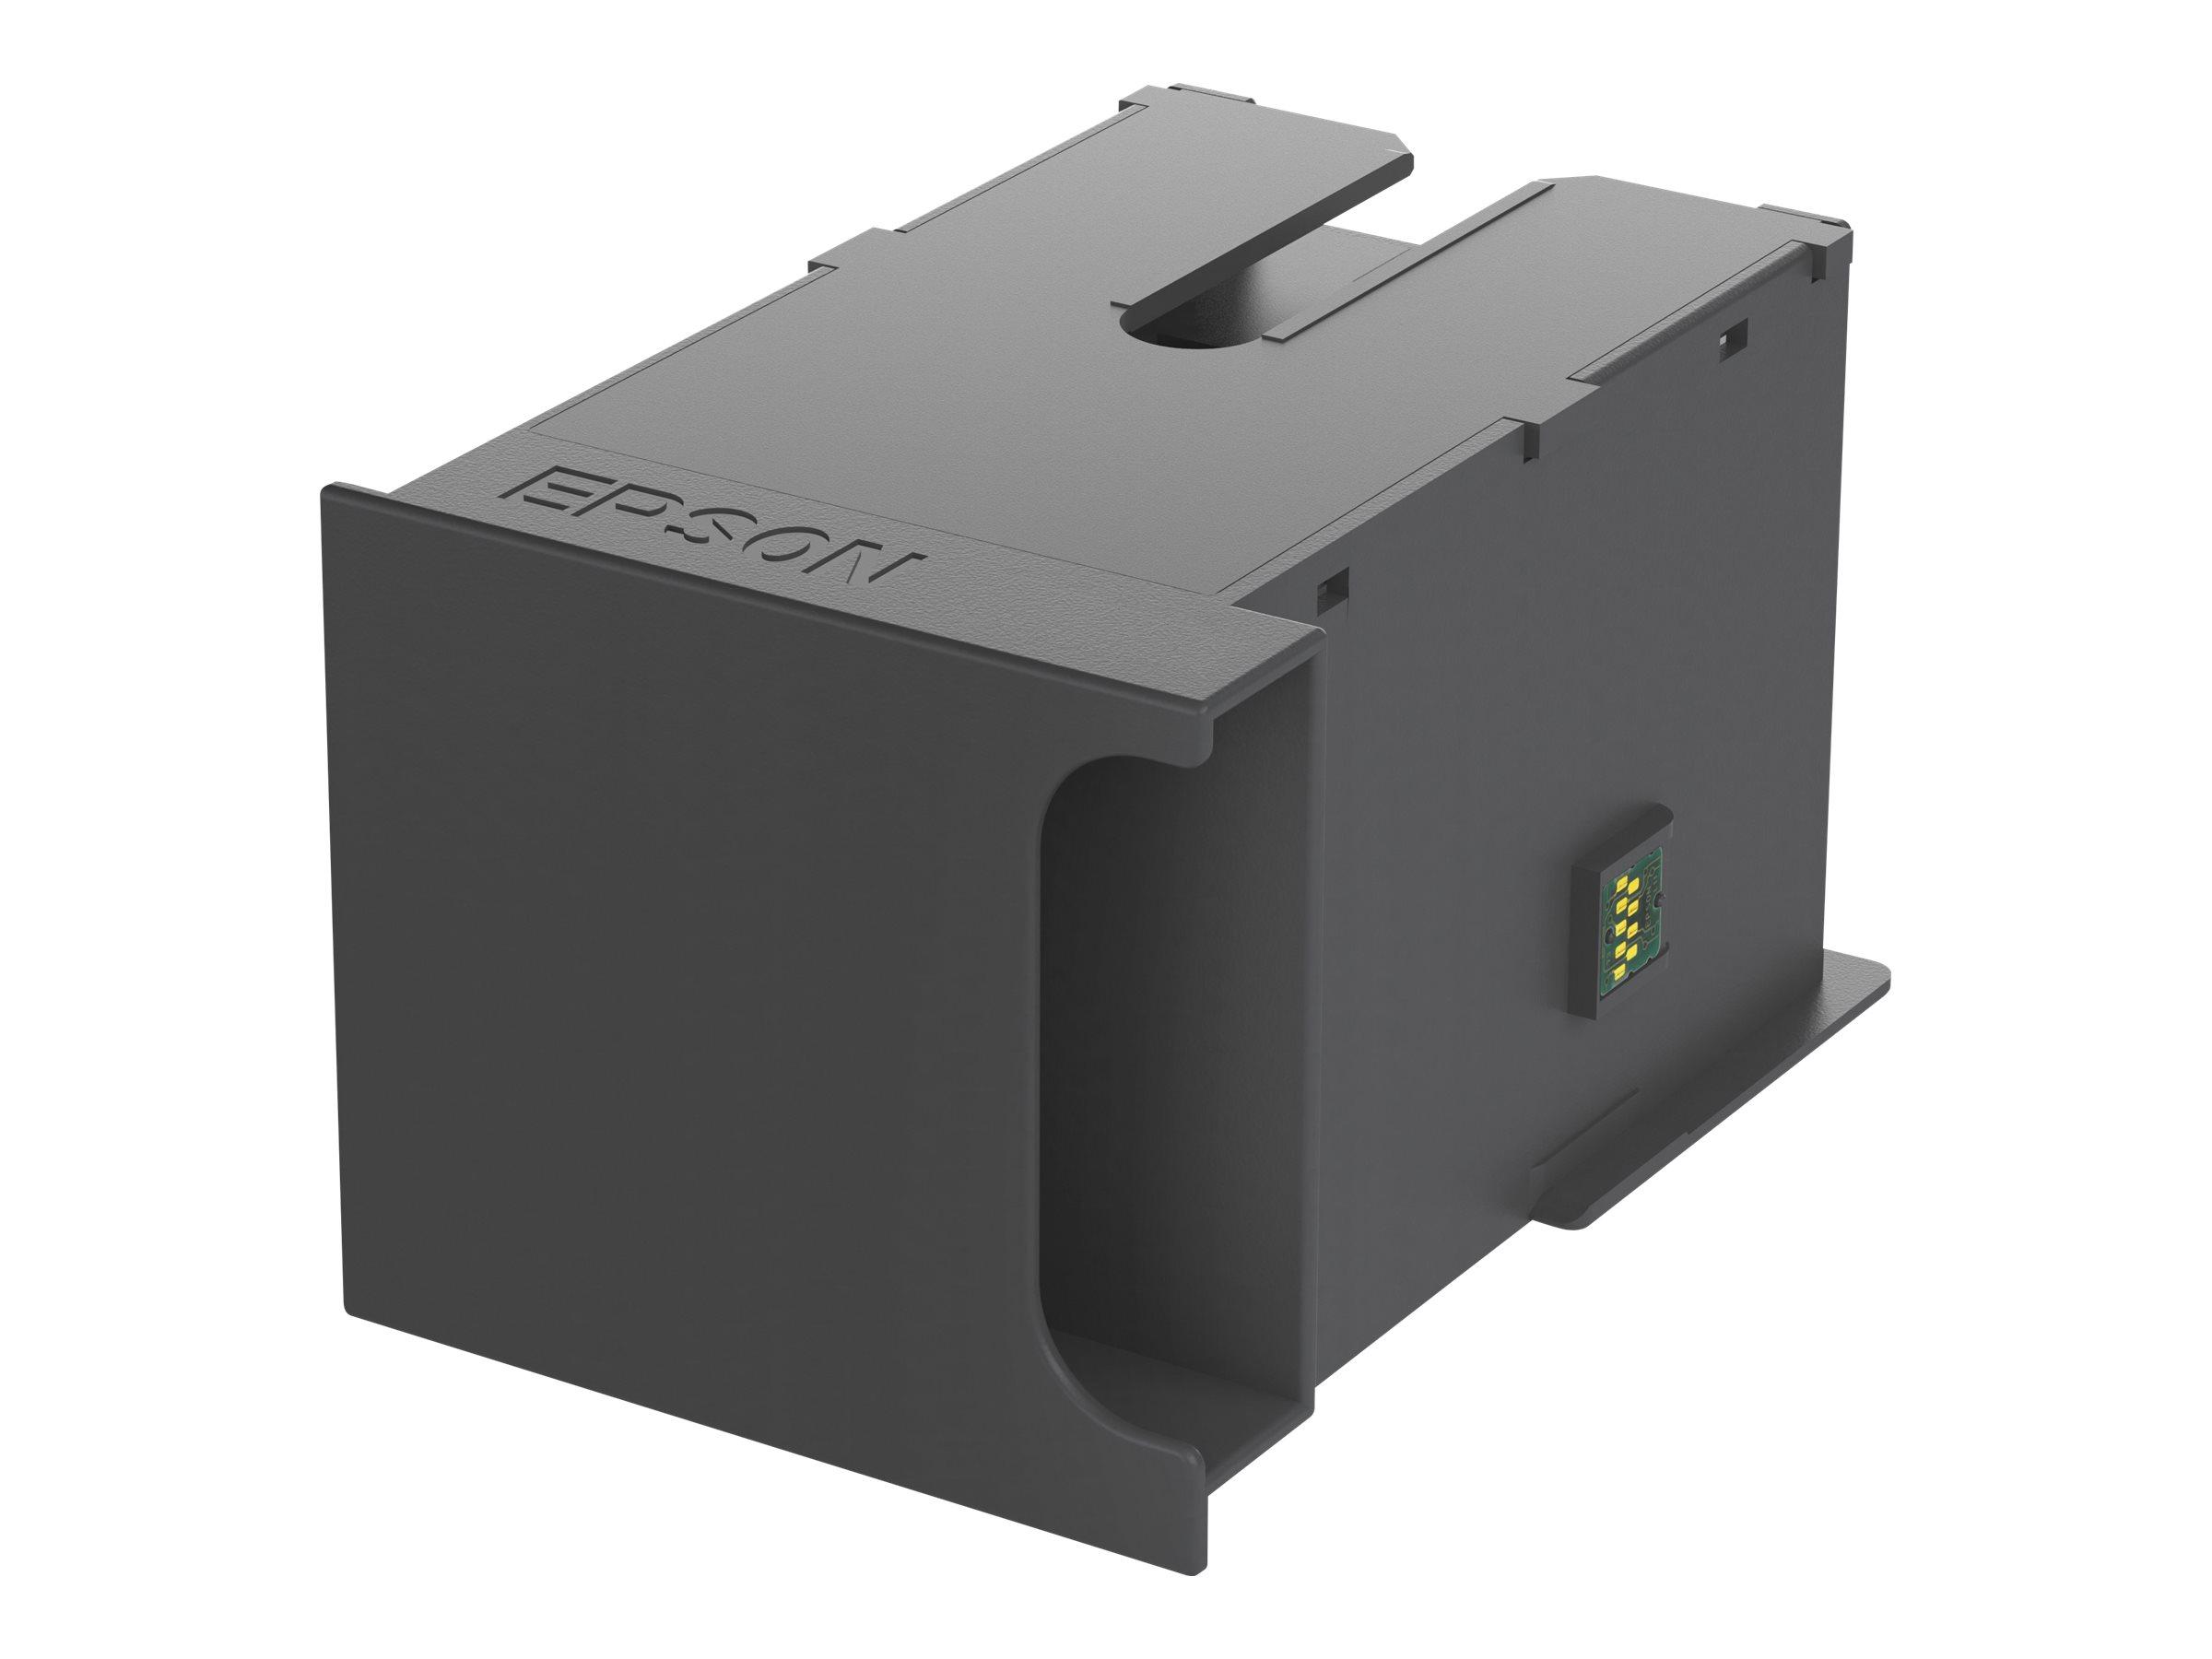 Epson Maintenance Box - Auffangbehälter für Resttinten - für WorkForce Pro WF-4630, 5190, 5690, M5190, M5690, R5190, R5690, WP-4